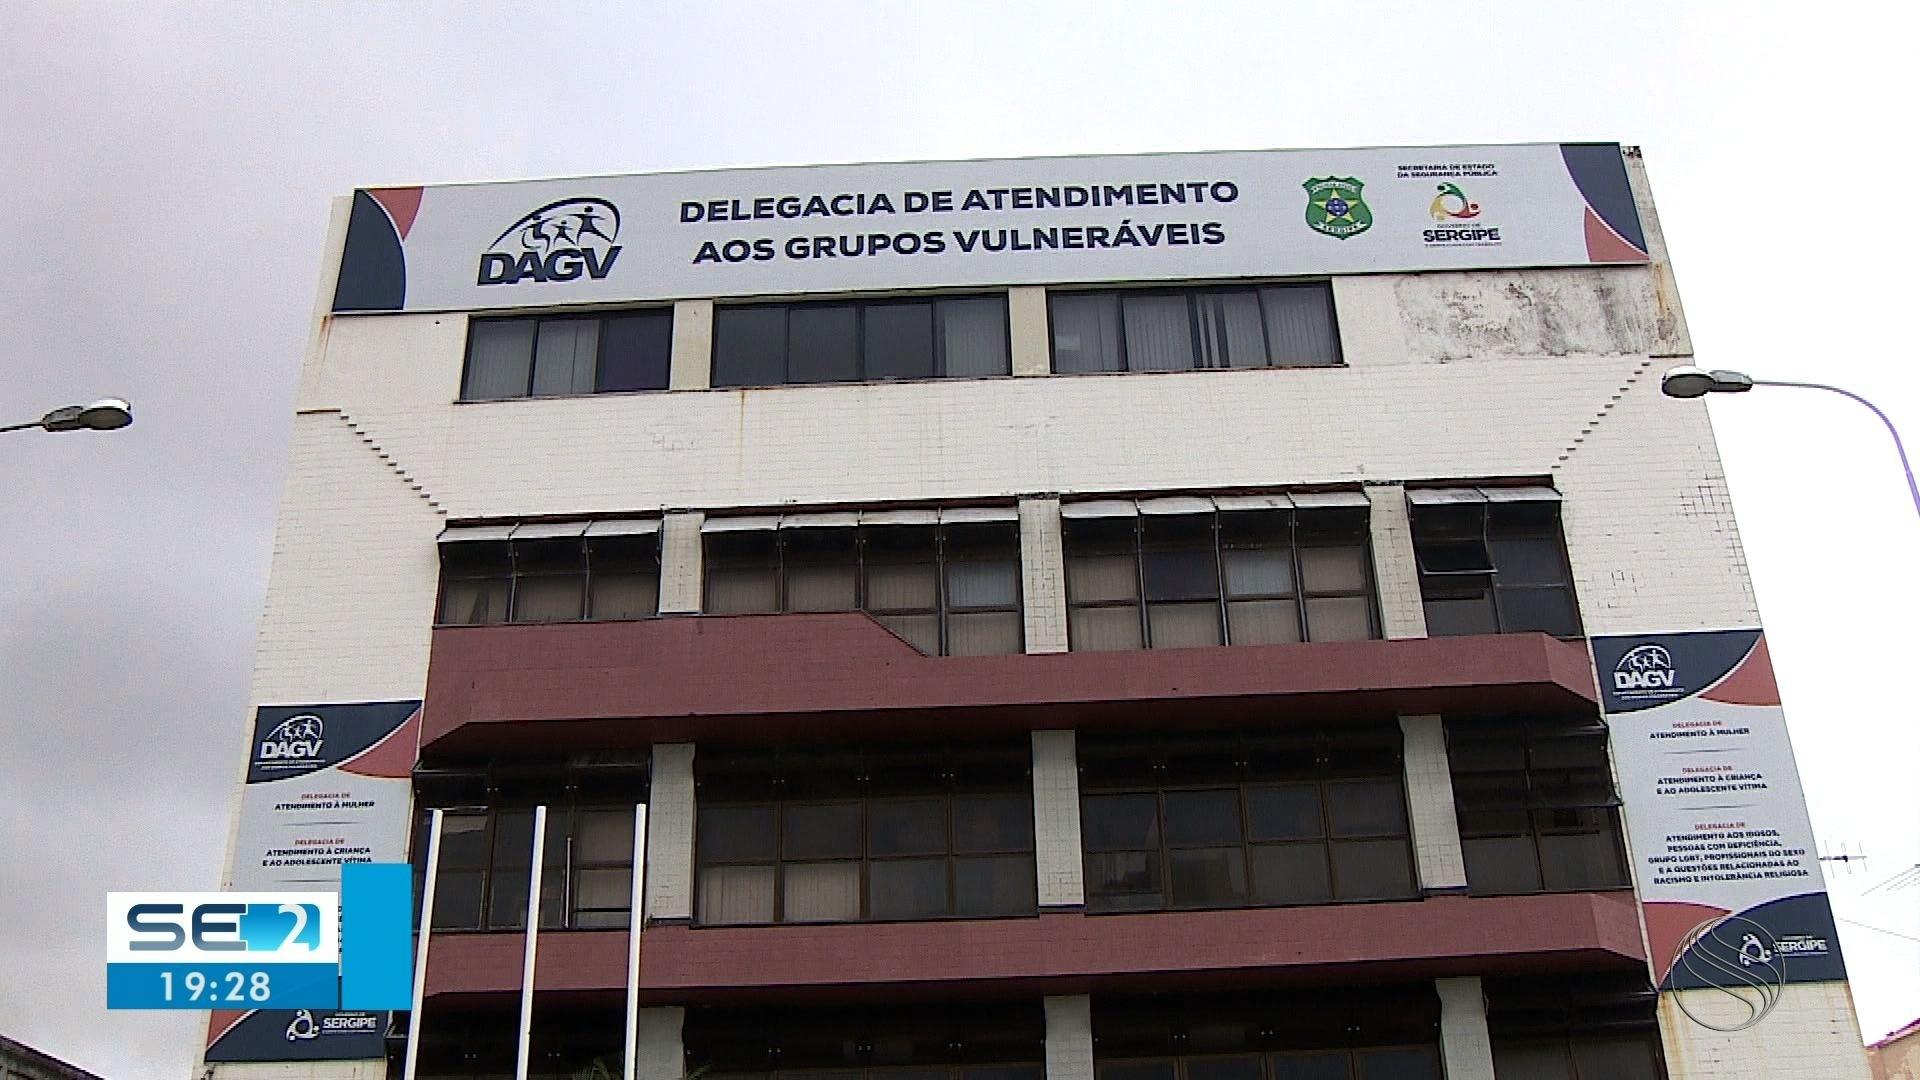 Suspeito de estuprar adolescente em Tobias Barreto está foragido, diz SSP - Notícias - Plantão Diário